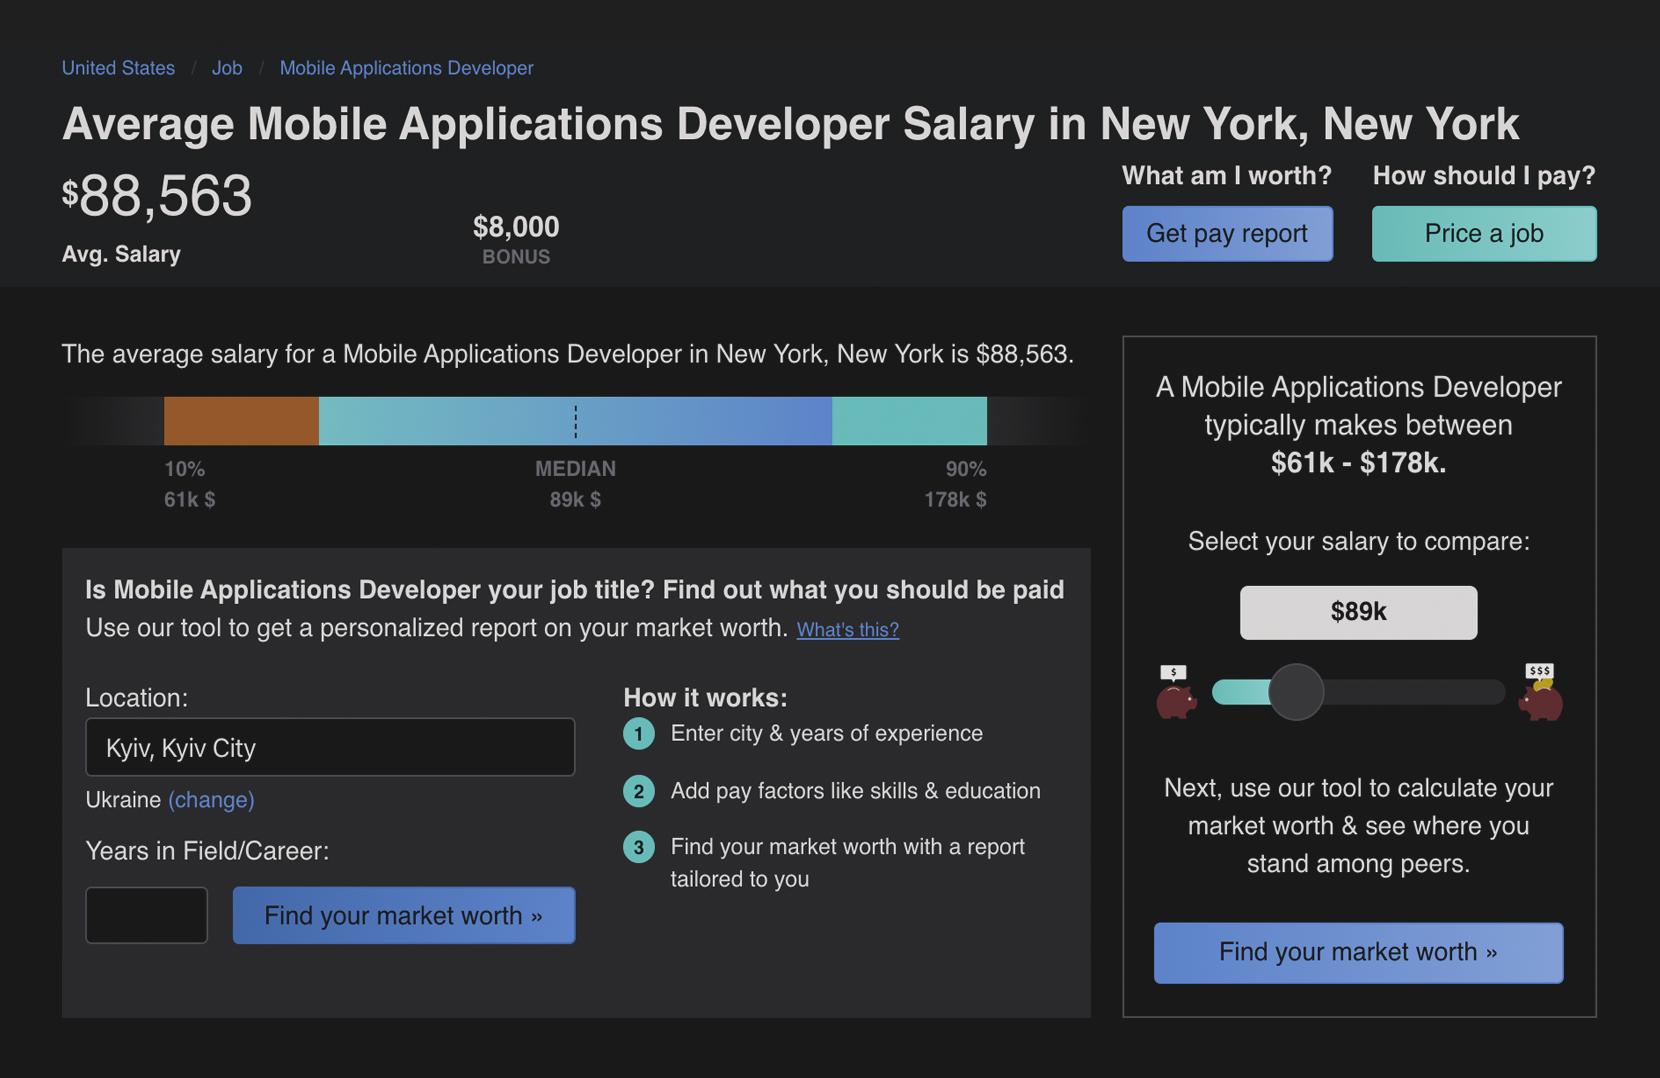 mobila application developer salary in NY